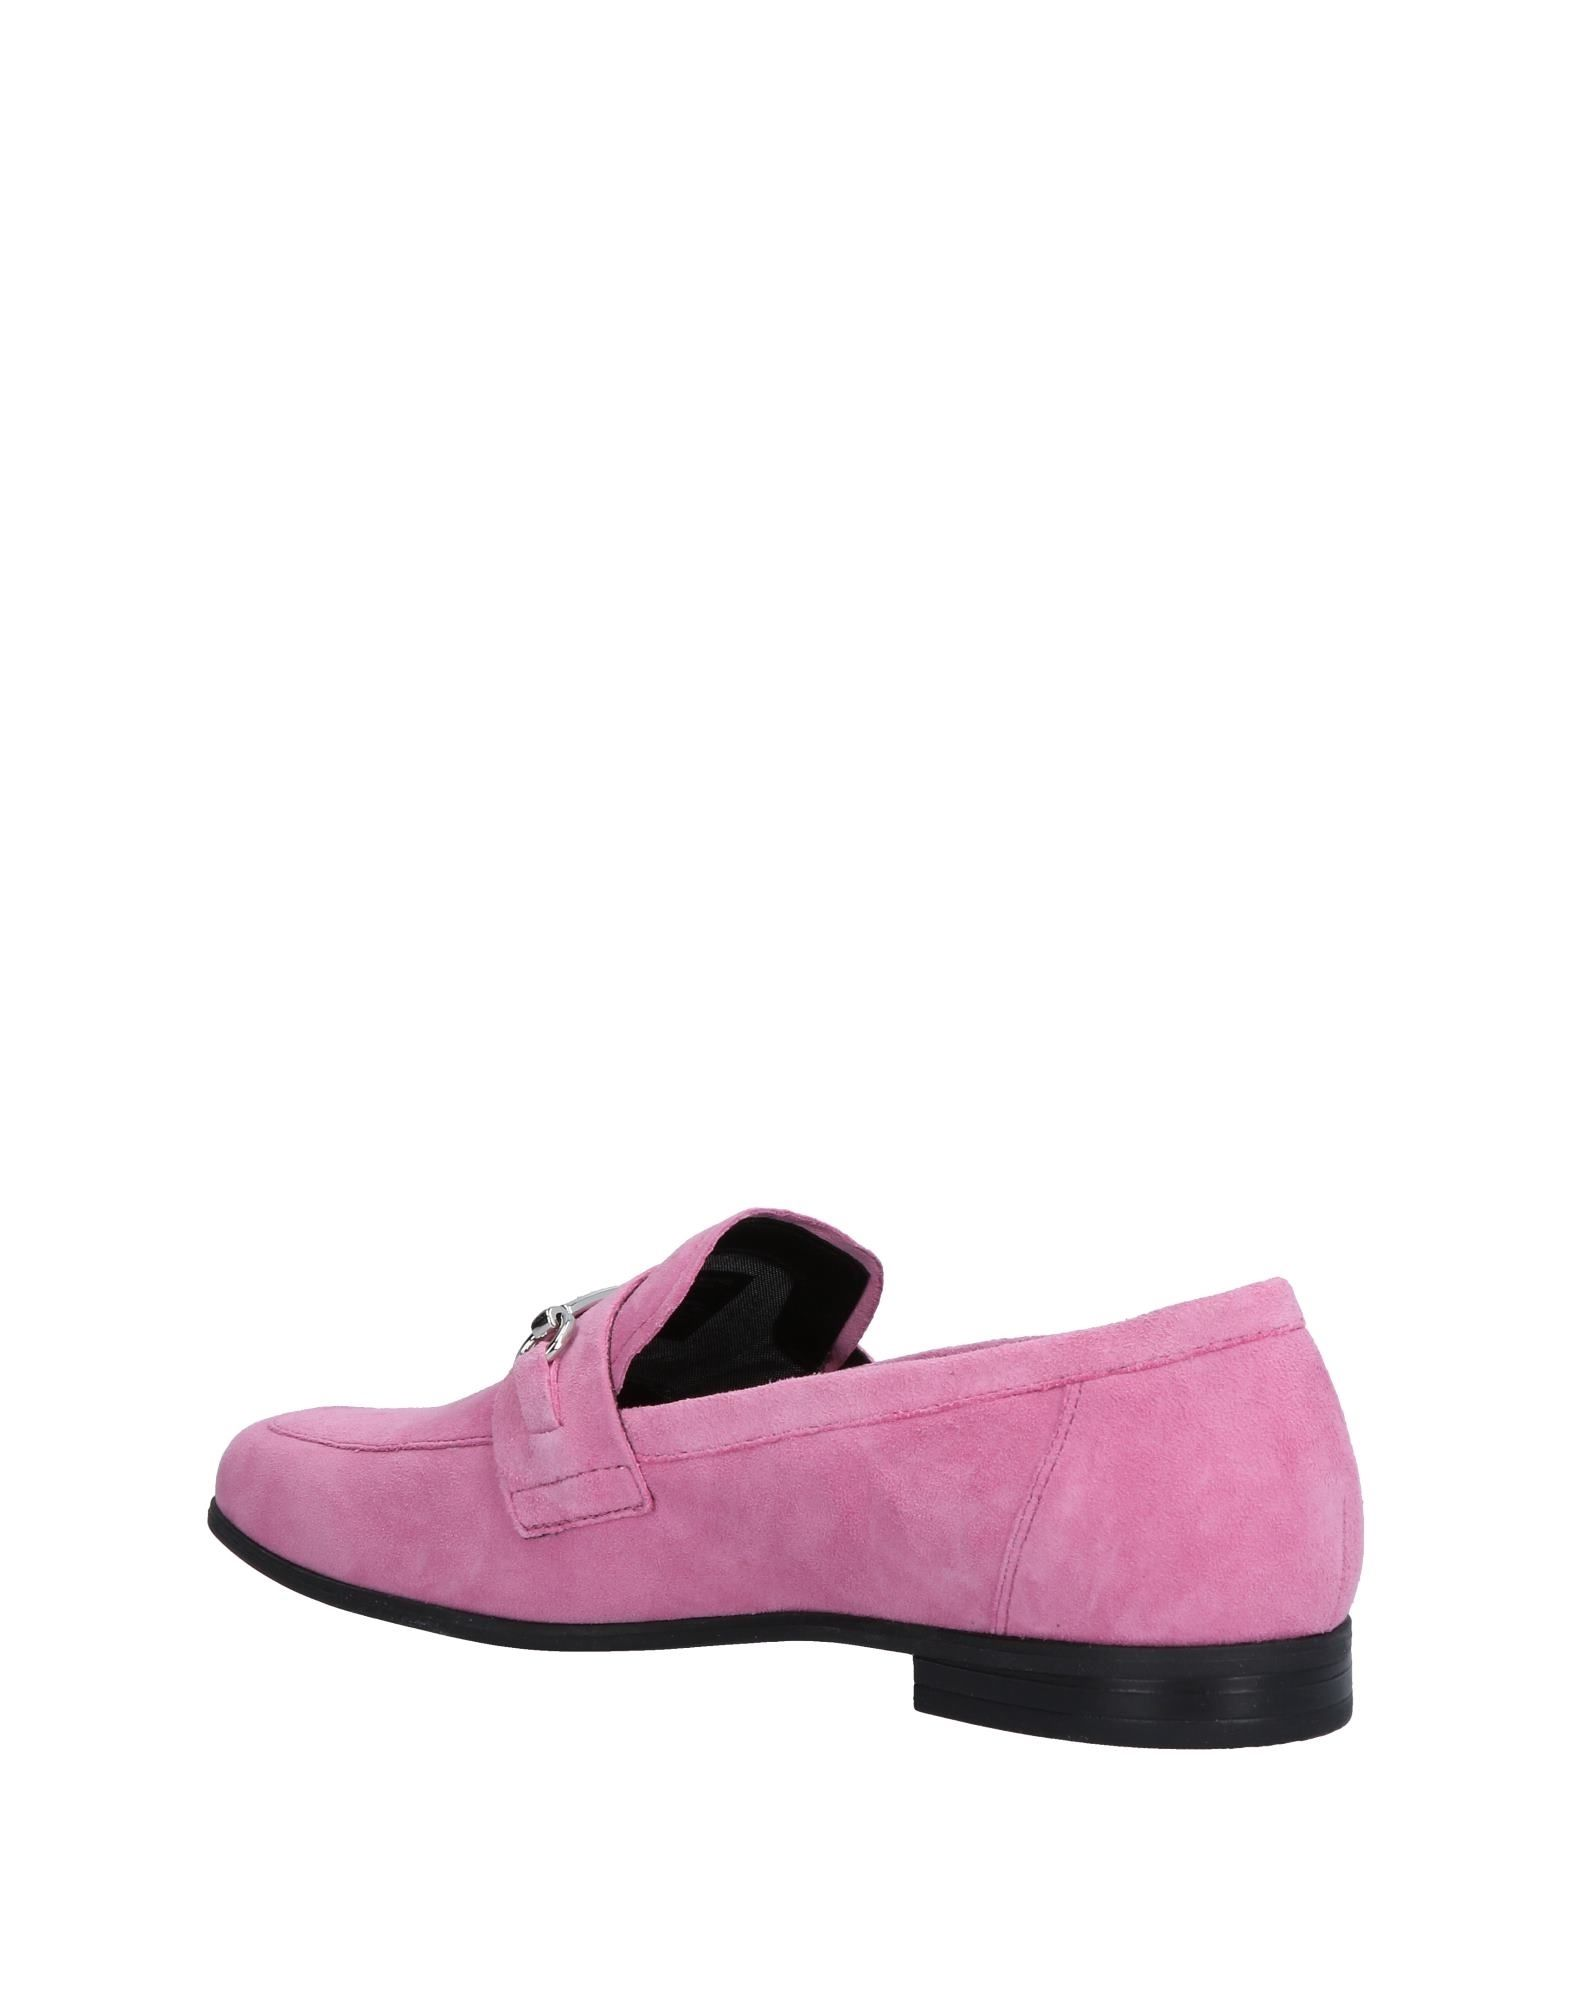 Vagabond Shoemakers Mokassins Damen Qualität  11448266AI Gute Qualität Damen beliebte Schuhe 8d972d